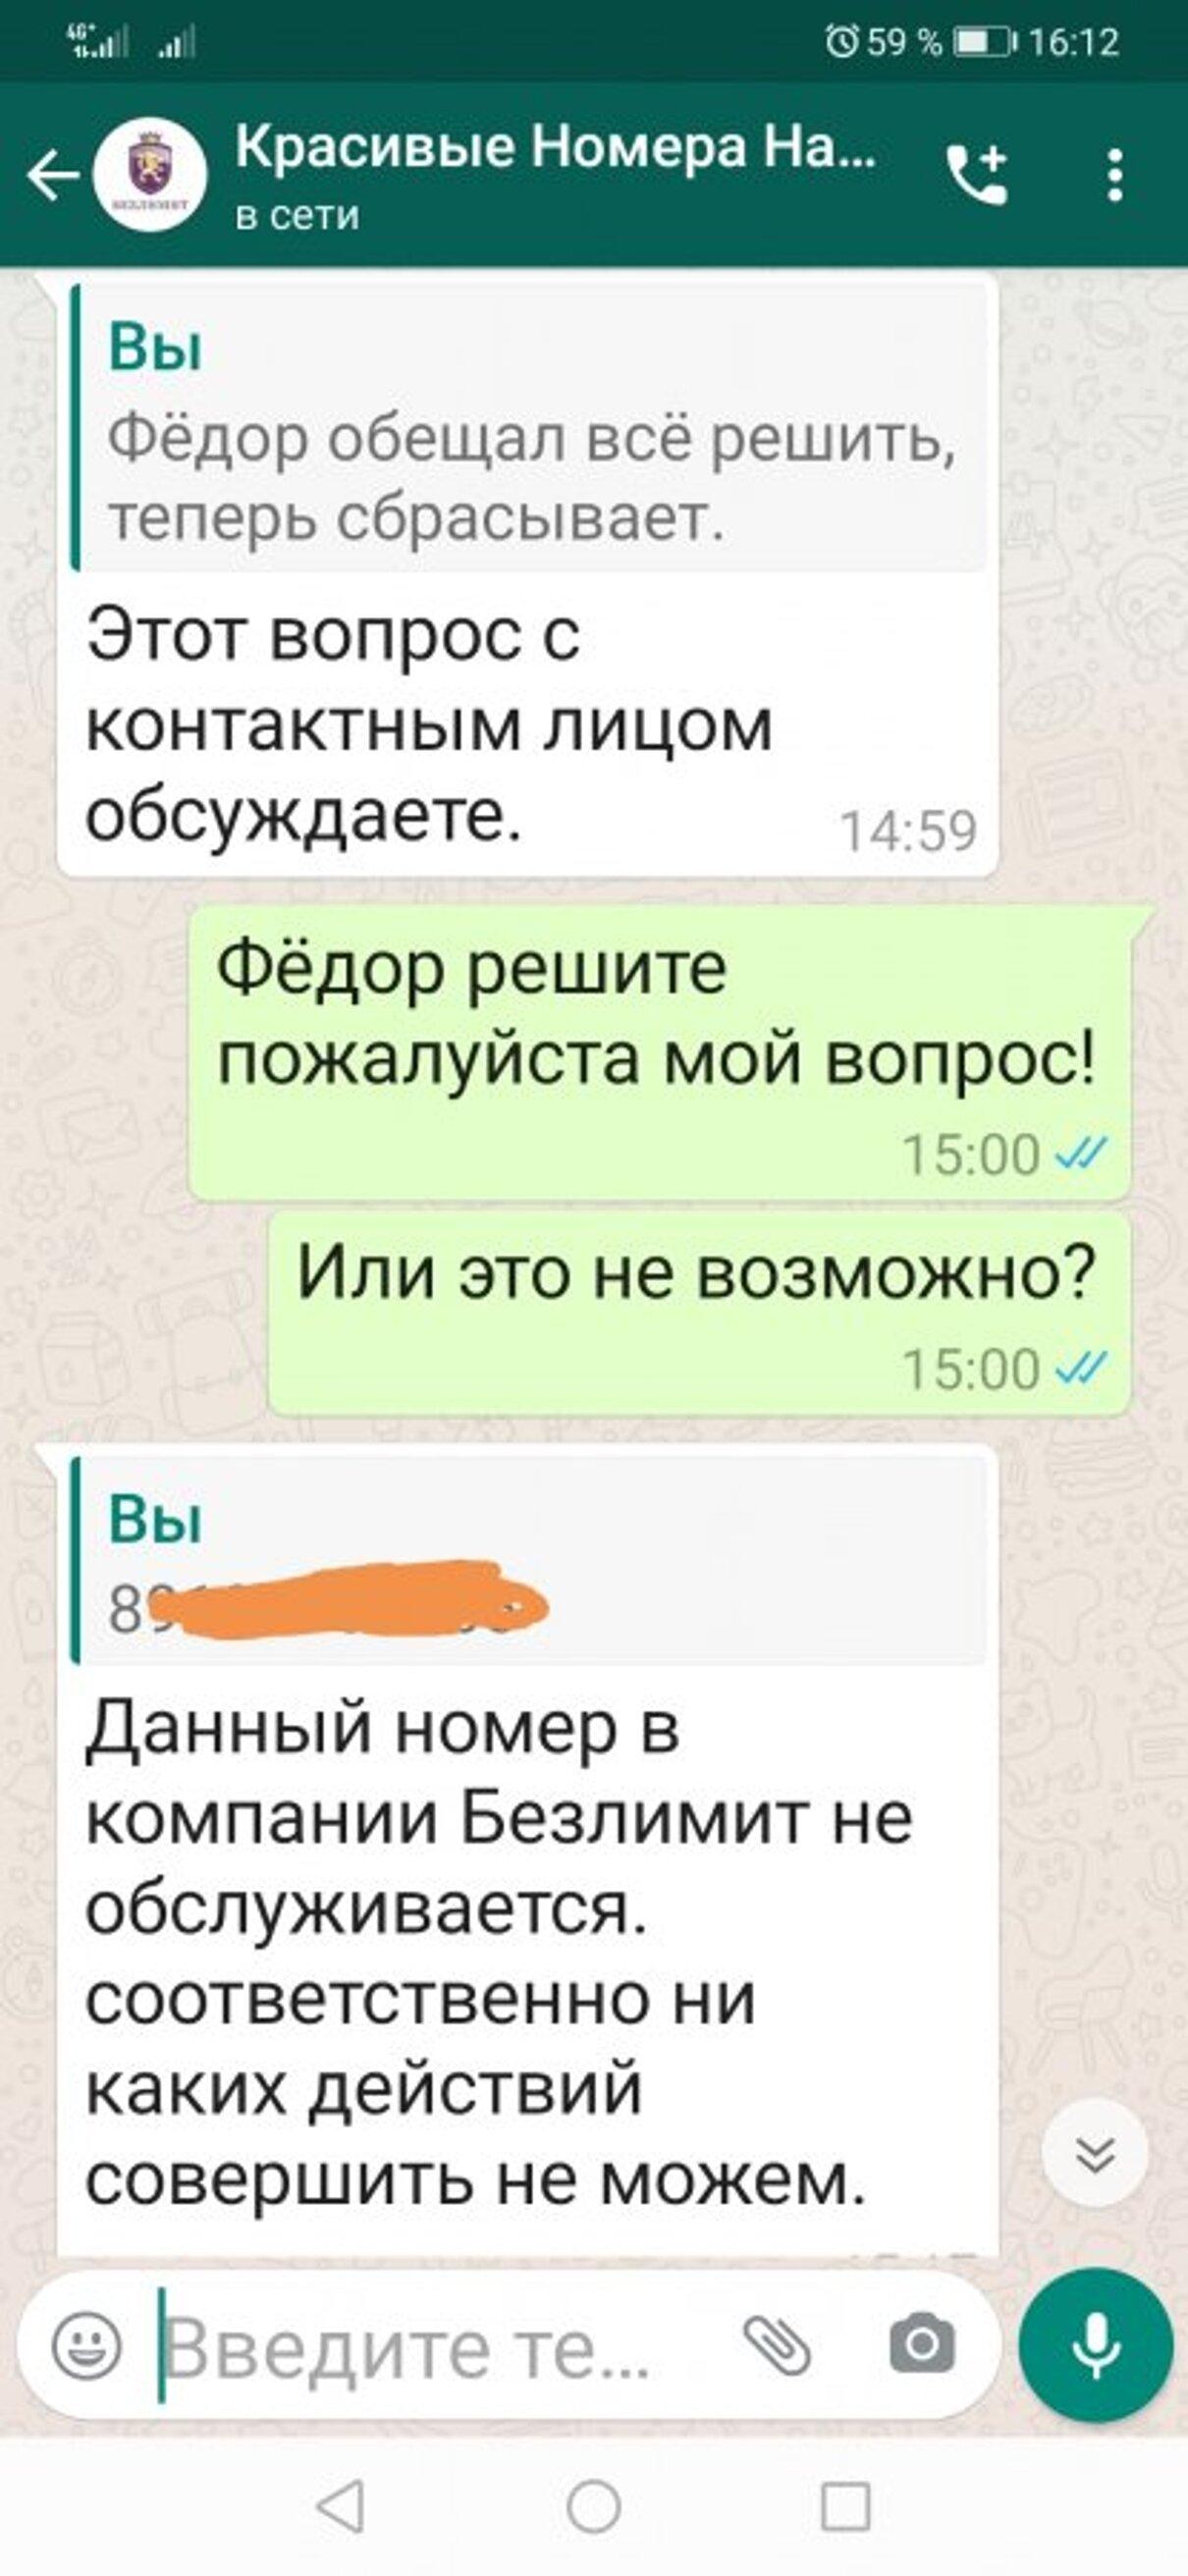 Жалоба-отзыв: Bezlimit.ru - Осторожно МОШЕННИКИ! bezlimit.ru